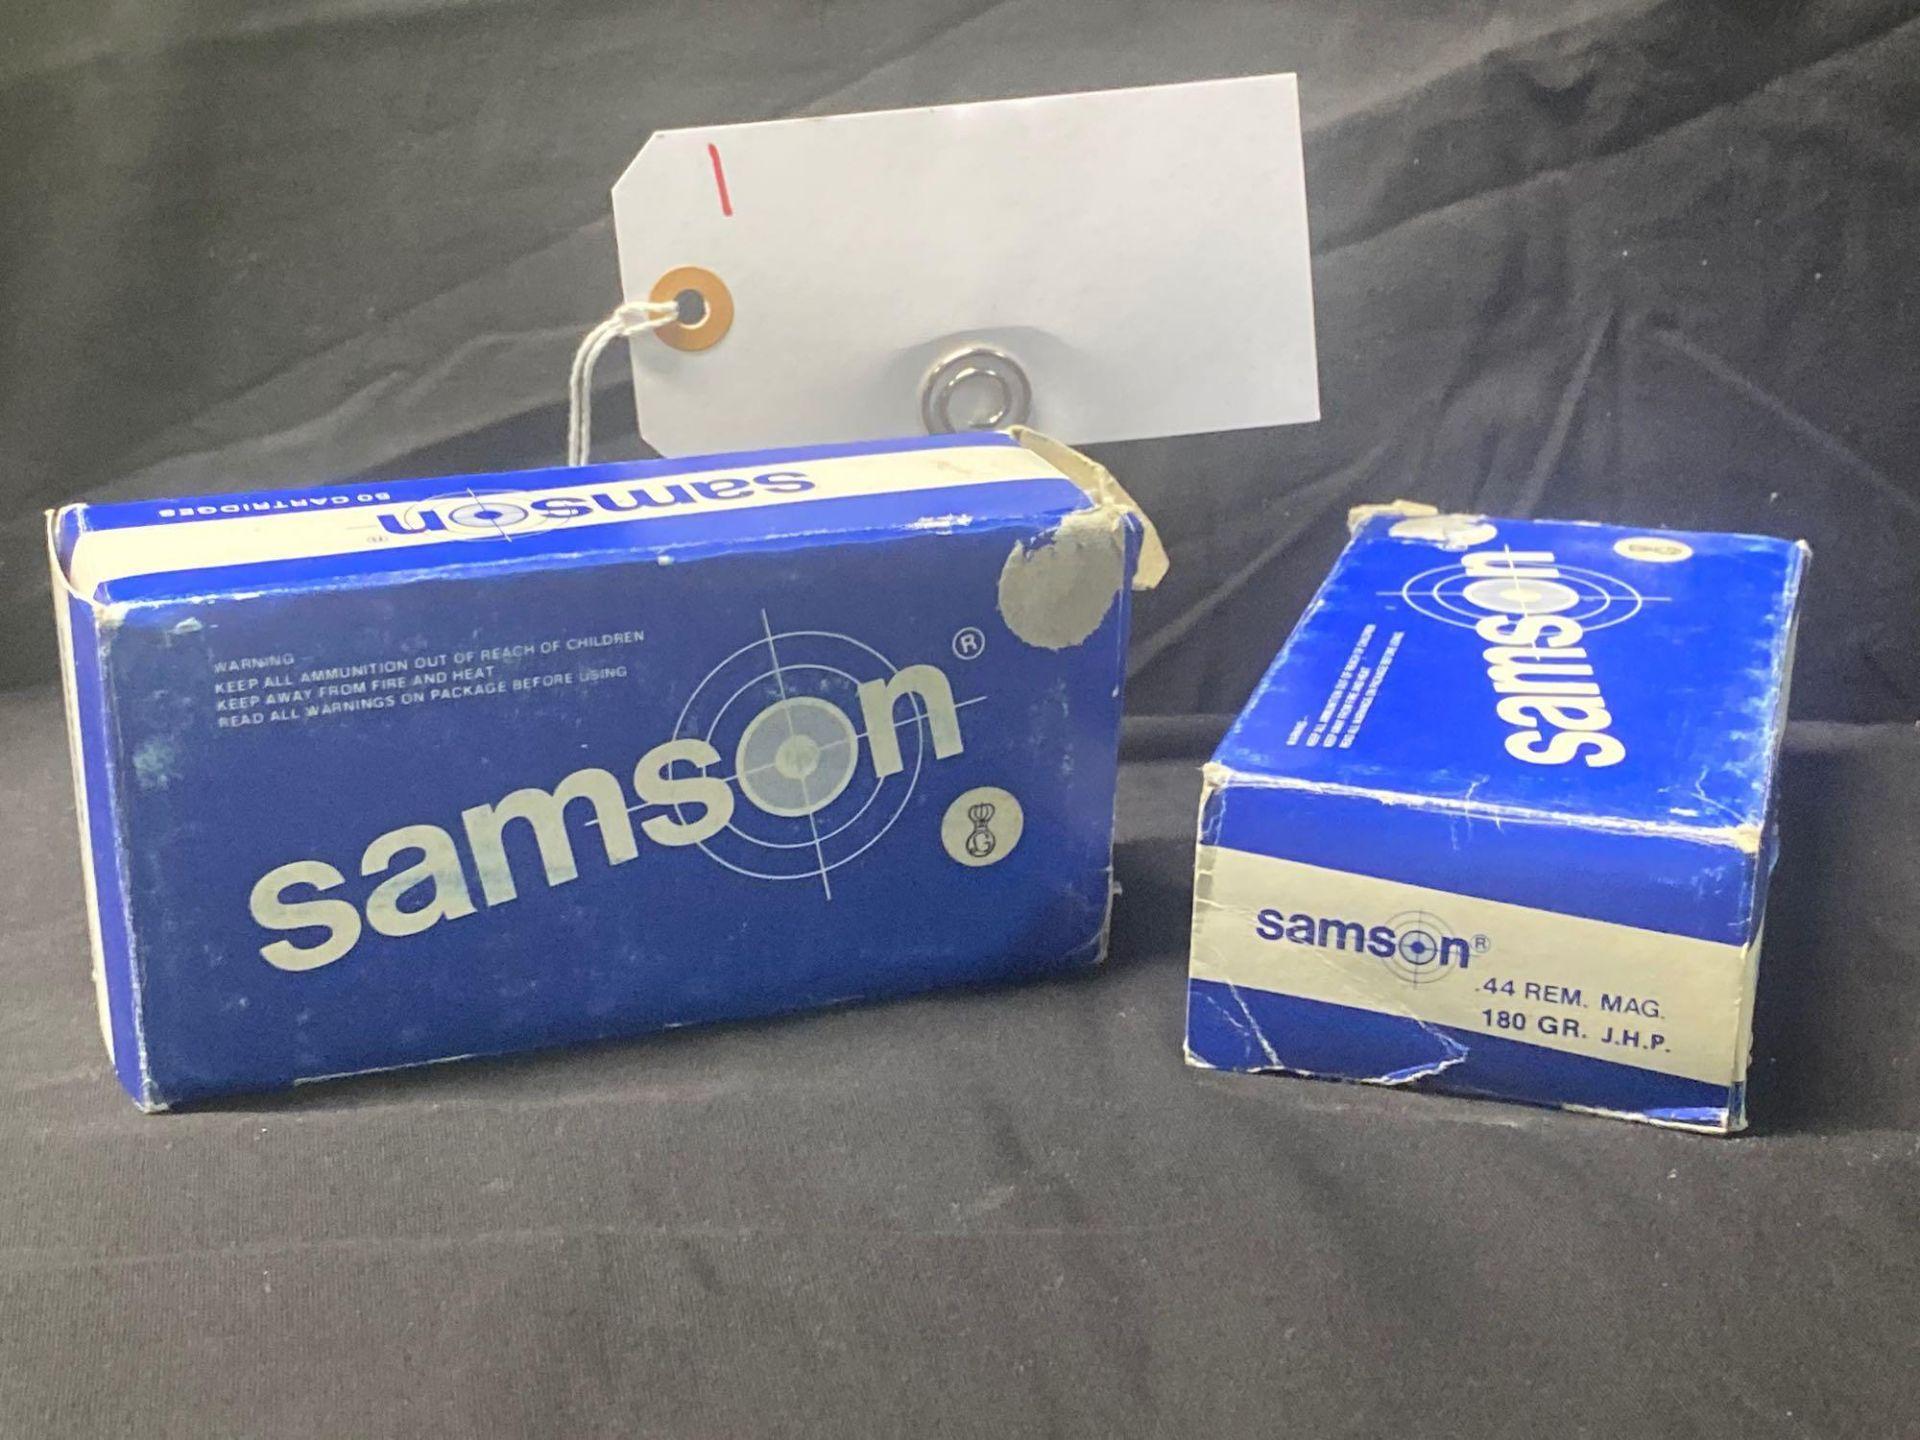 SAMSON 44 REM MAG (X2) - Image 2 of 2